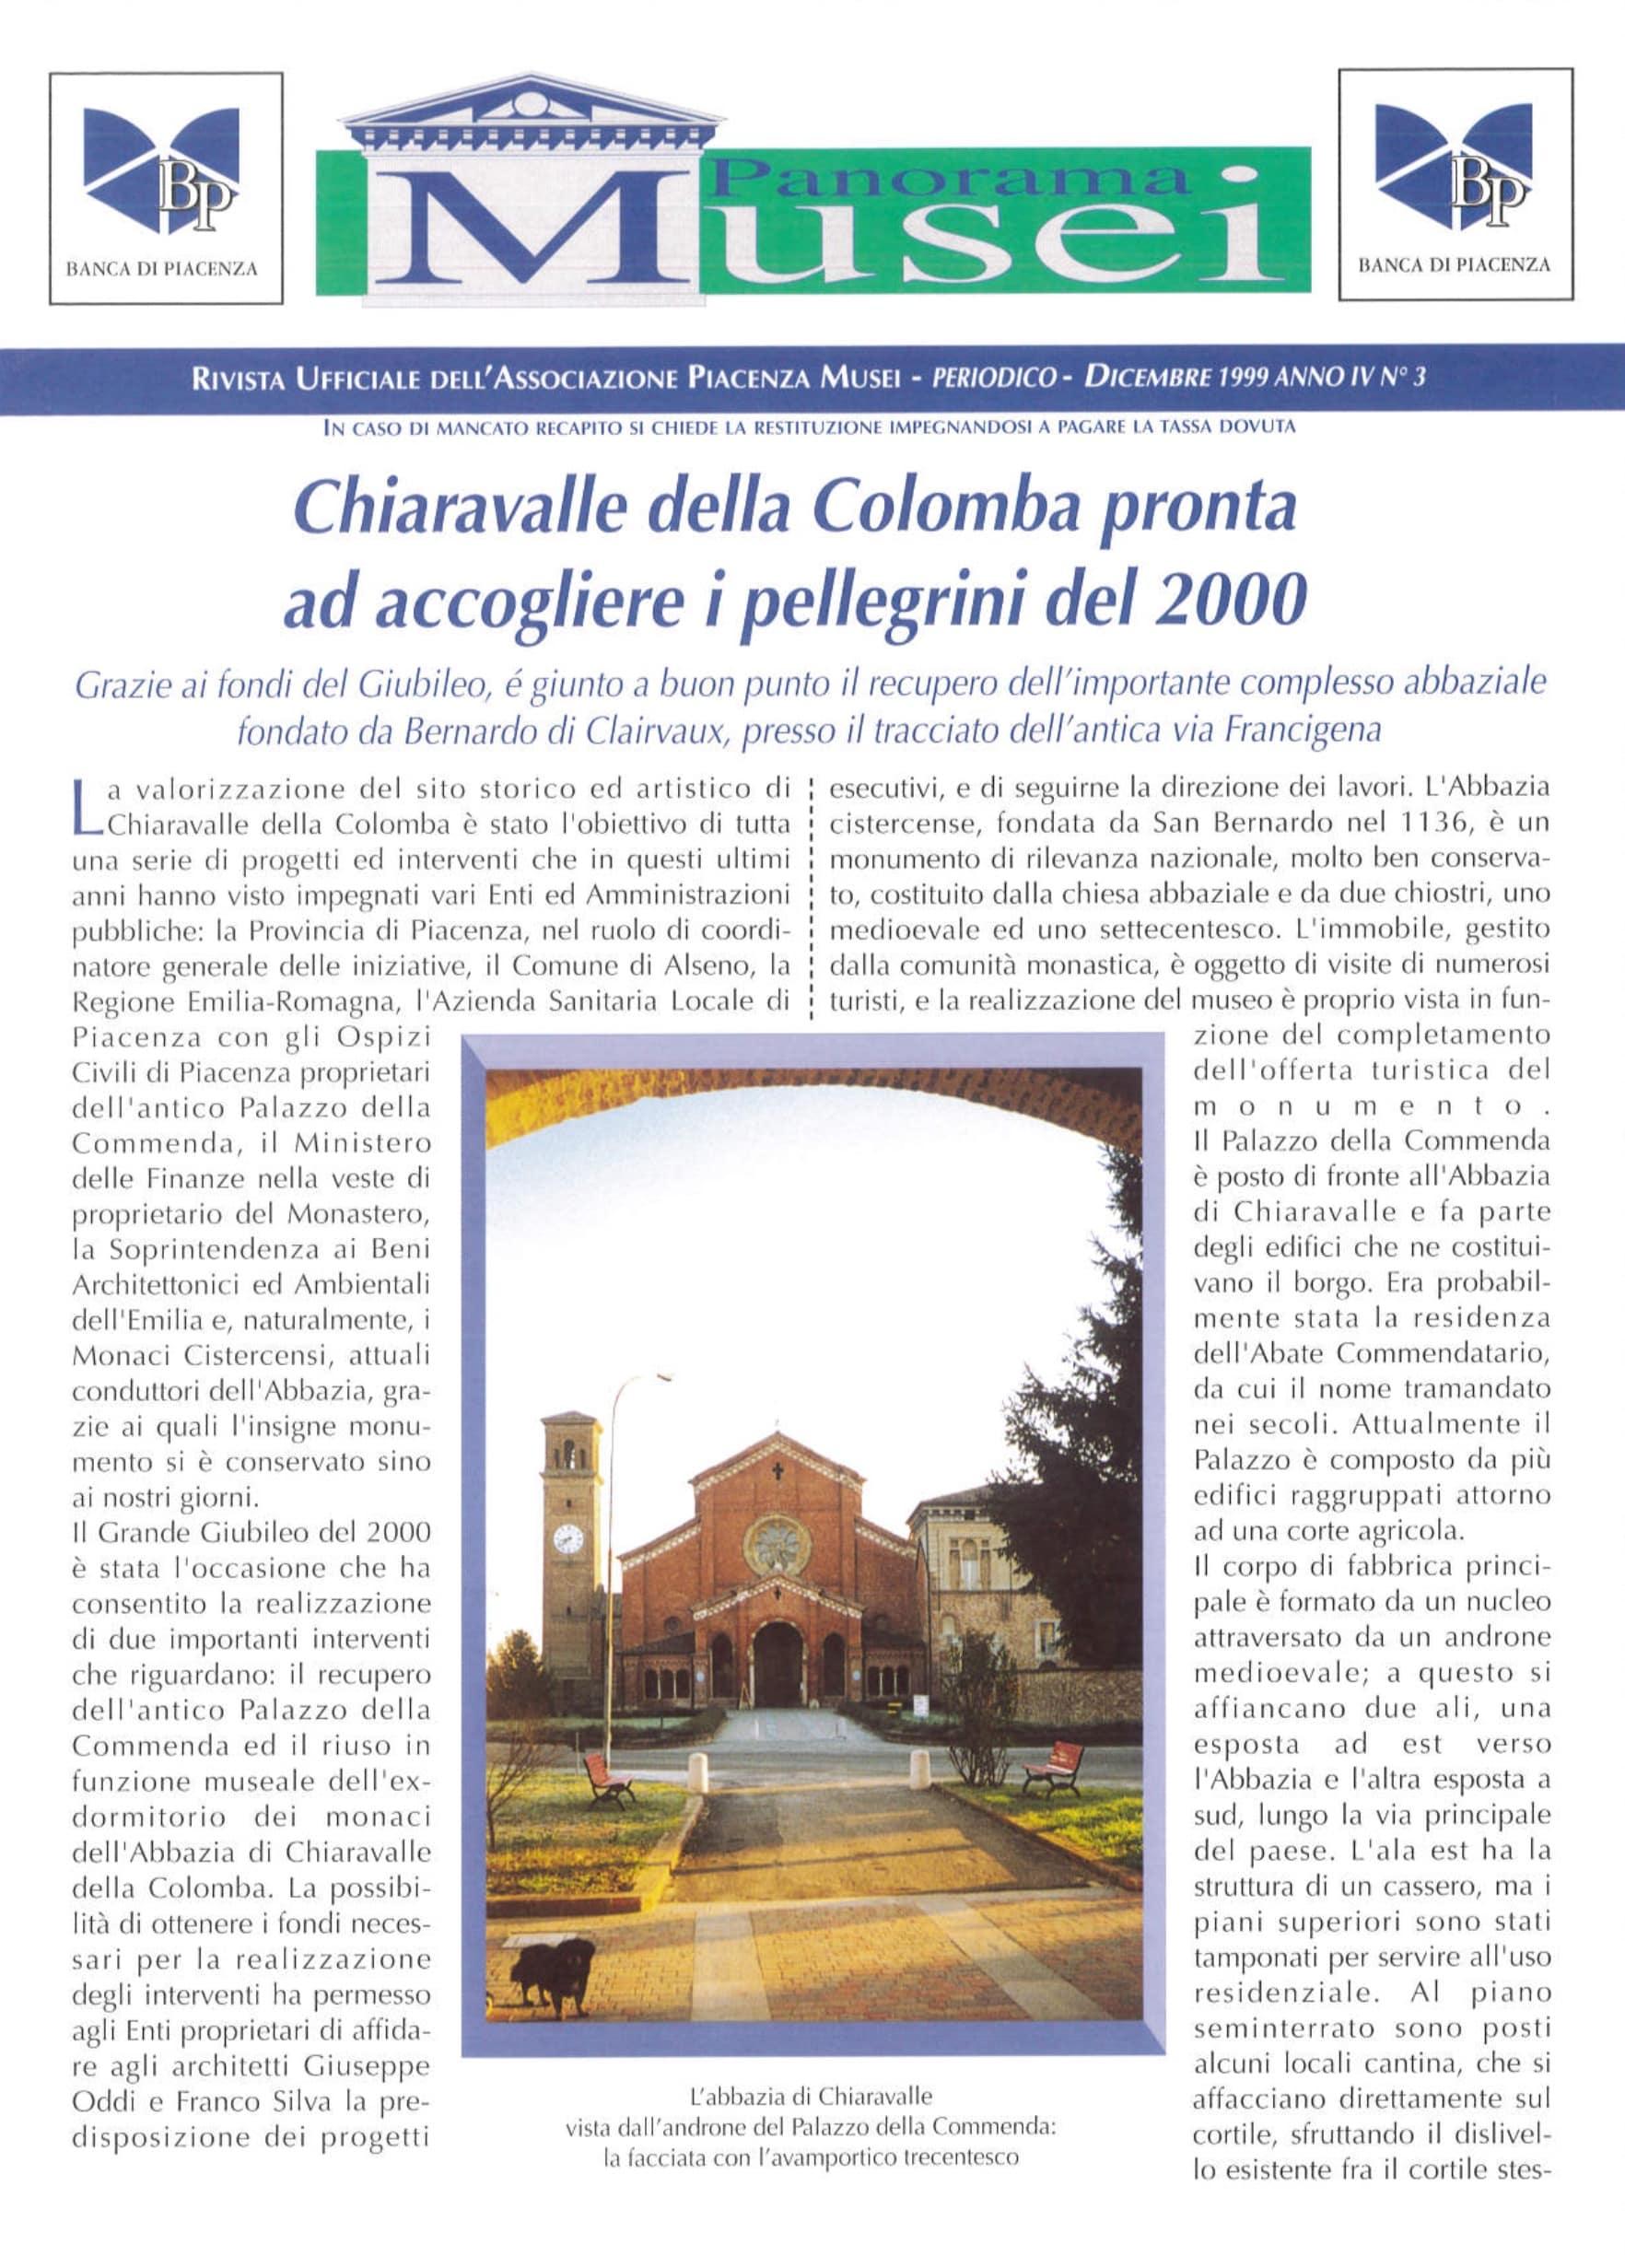 Panorama Musei Dicembre 1999